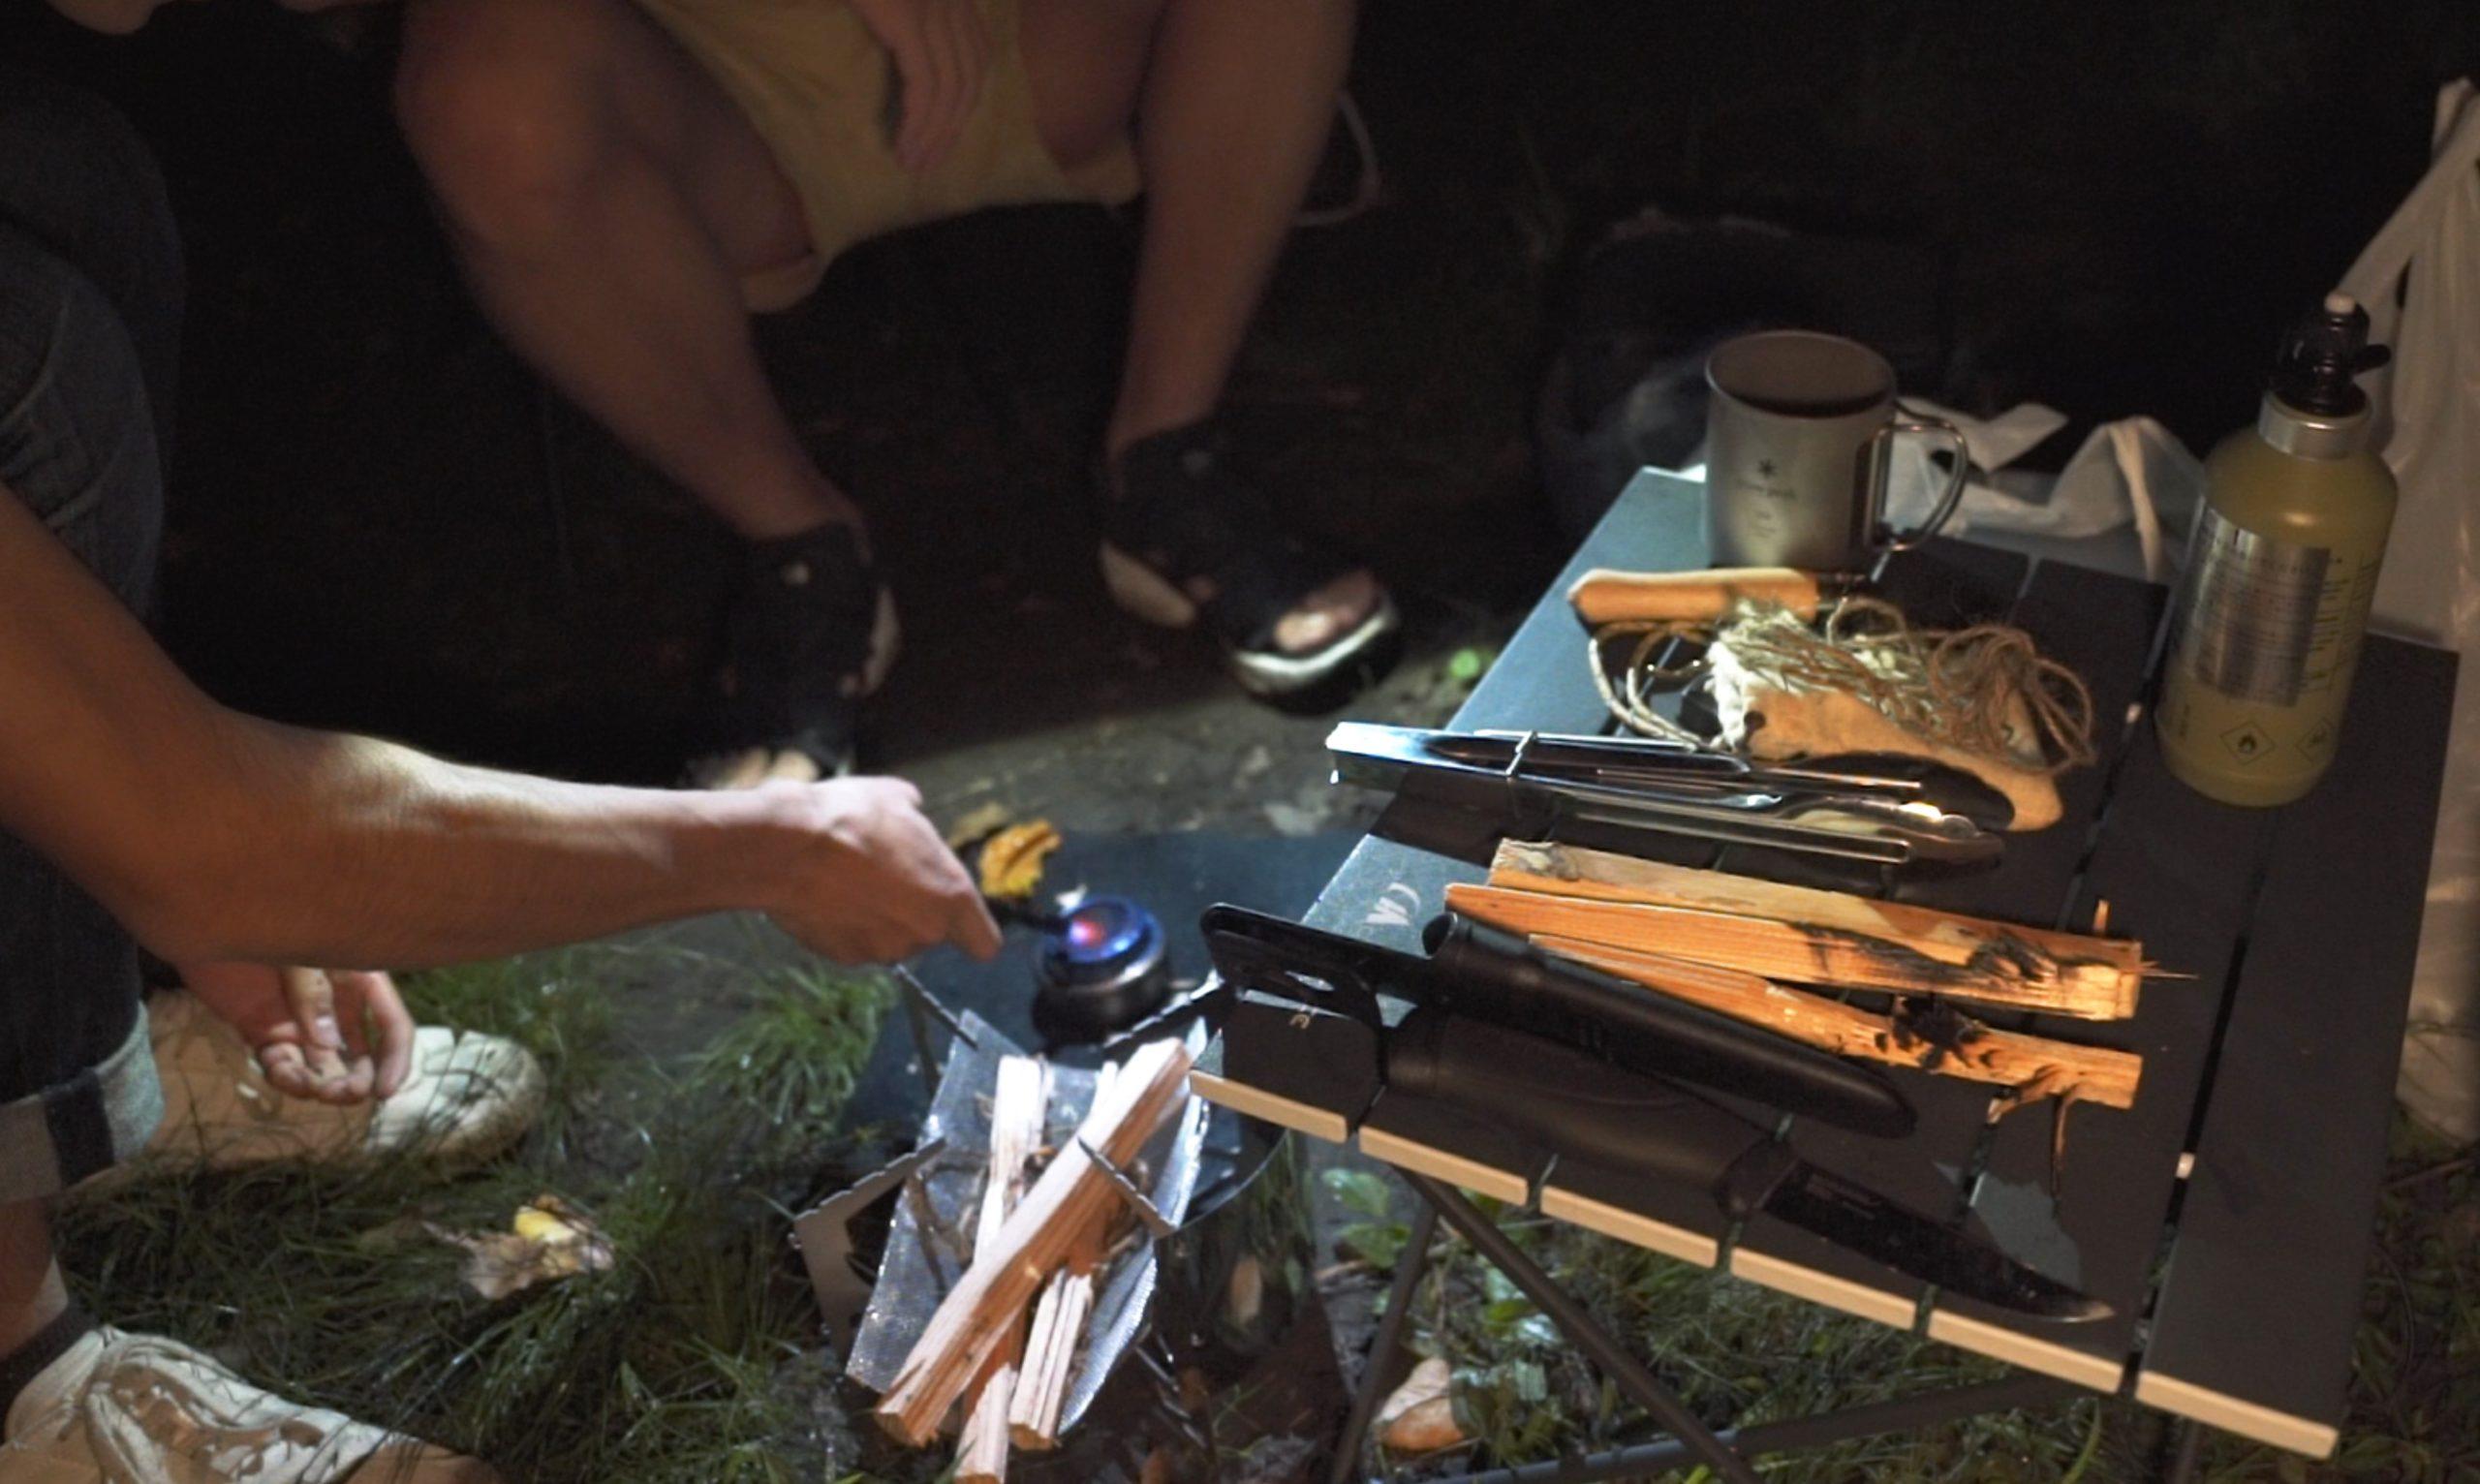 駒出池キャンプ場で念願の初キャンプ!|焚き火で苦戦